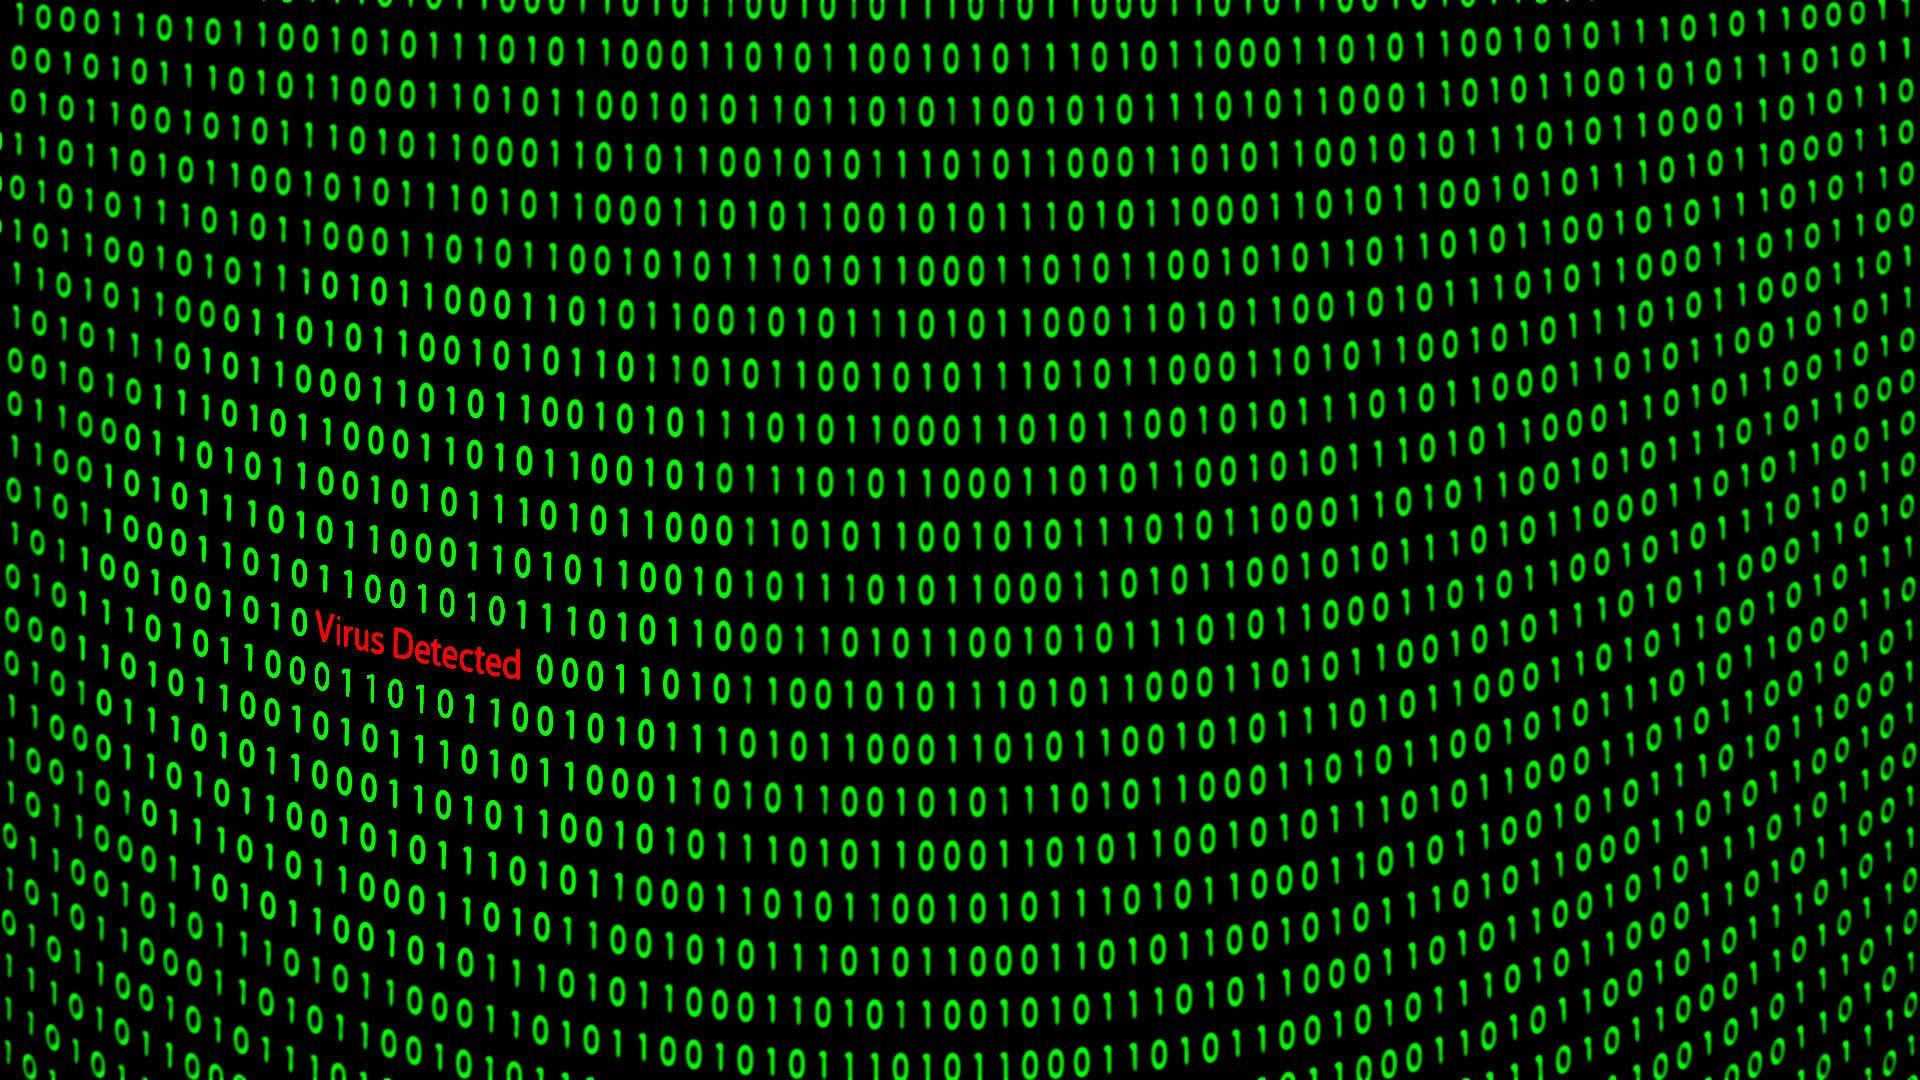 virus danger hacking hacker internet sadic 36 wallpaper background 1920x1080